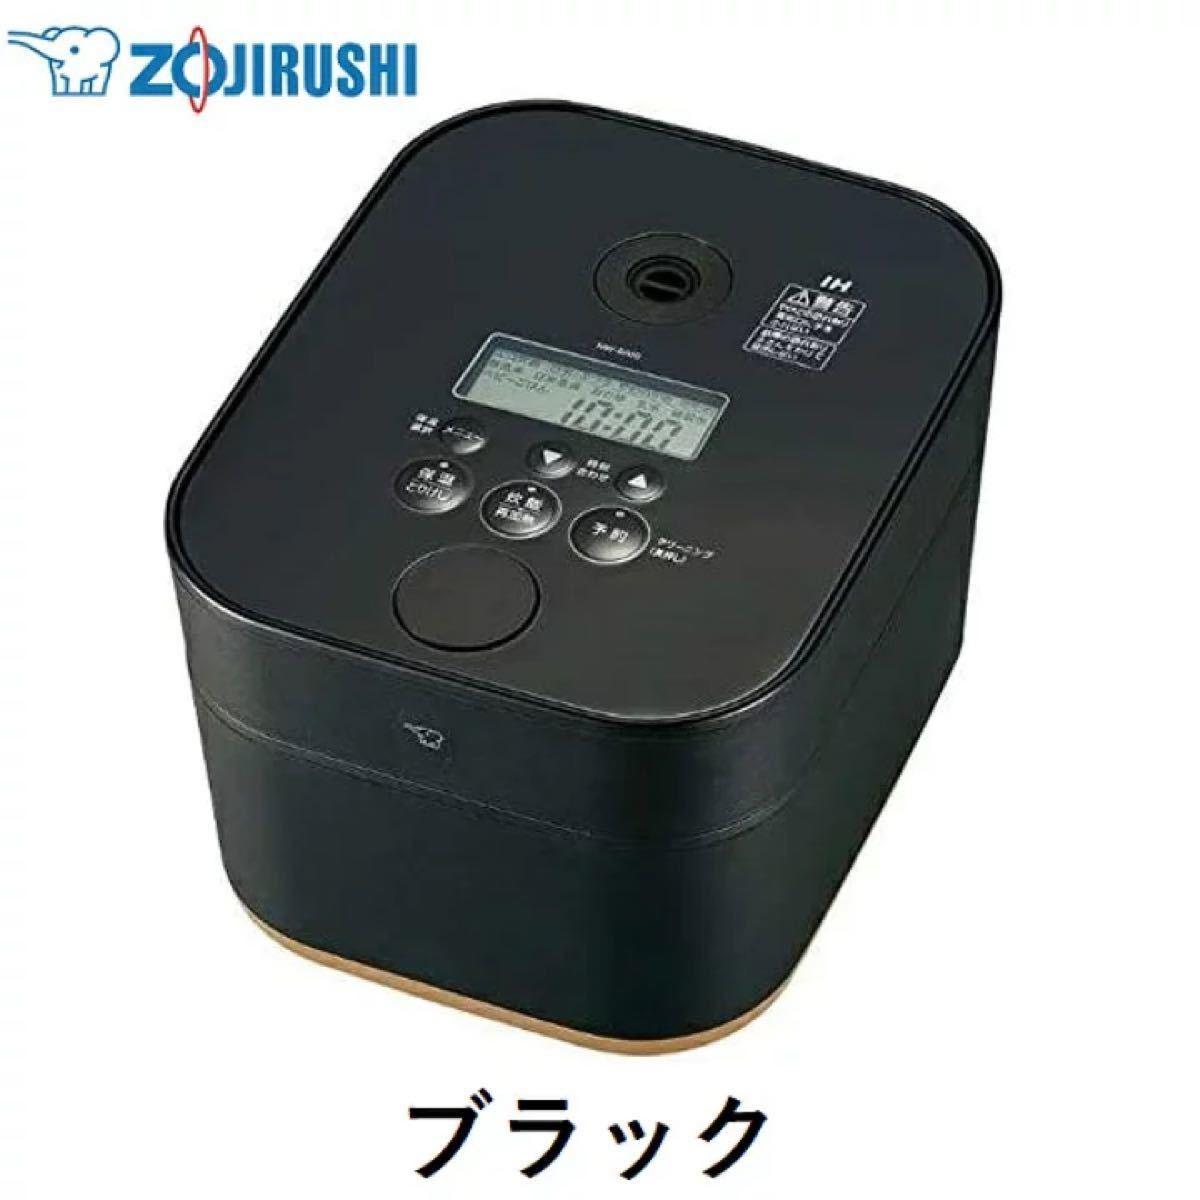 【新品未開封】炊飯器 IH炊飯ジャー STAN. by zojirushi NW-SA10-BA ブラック 象印